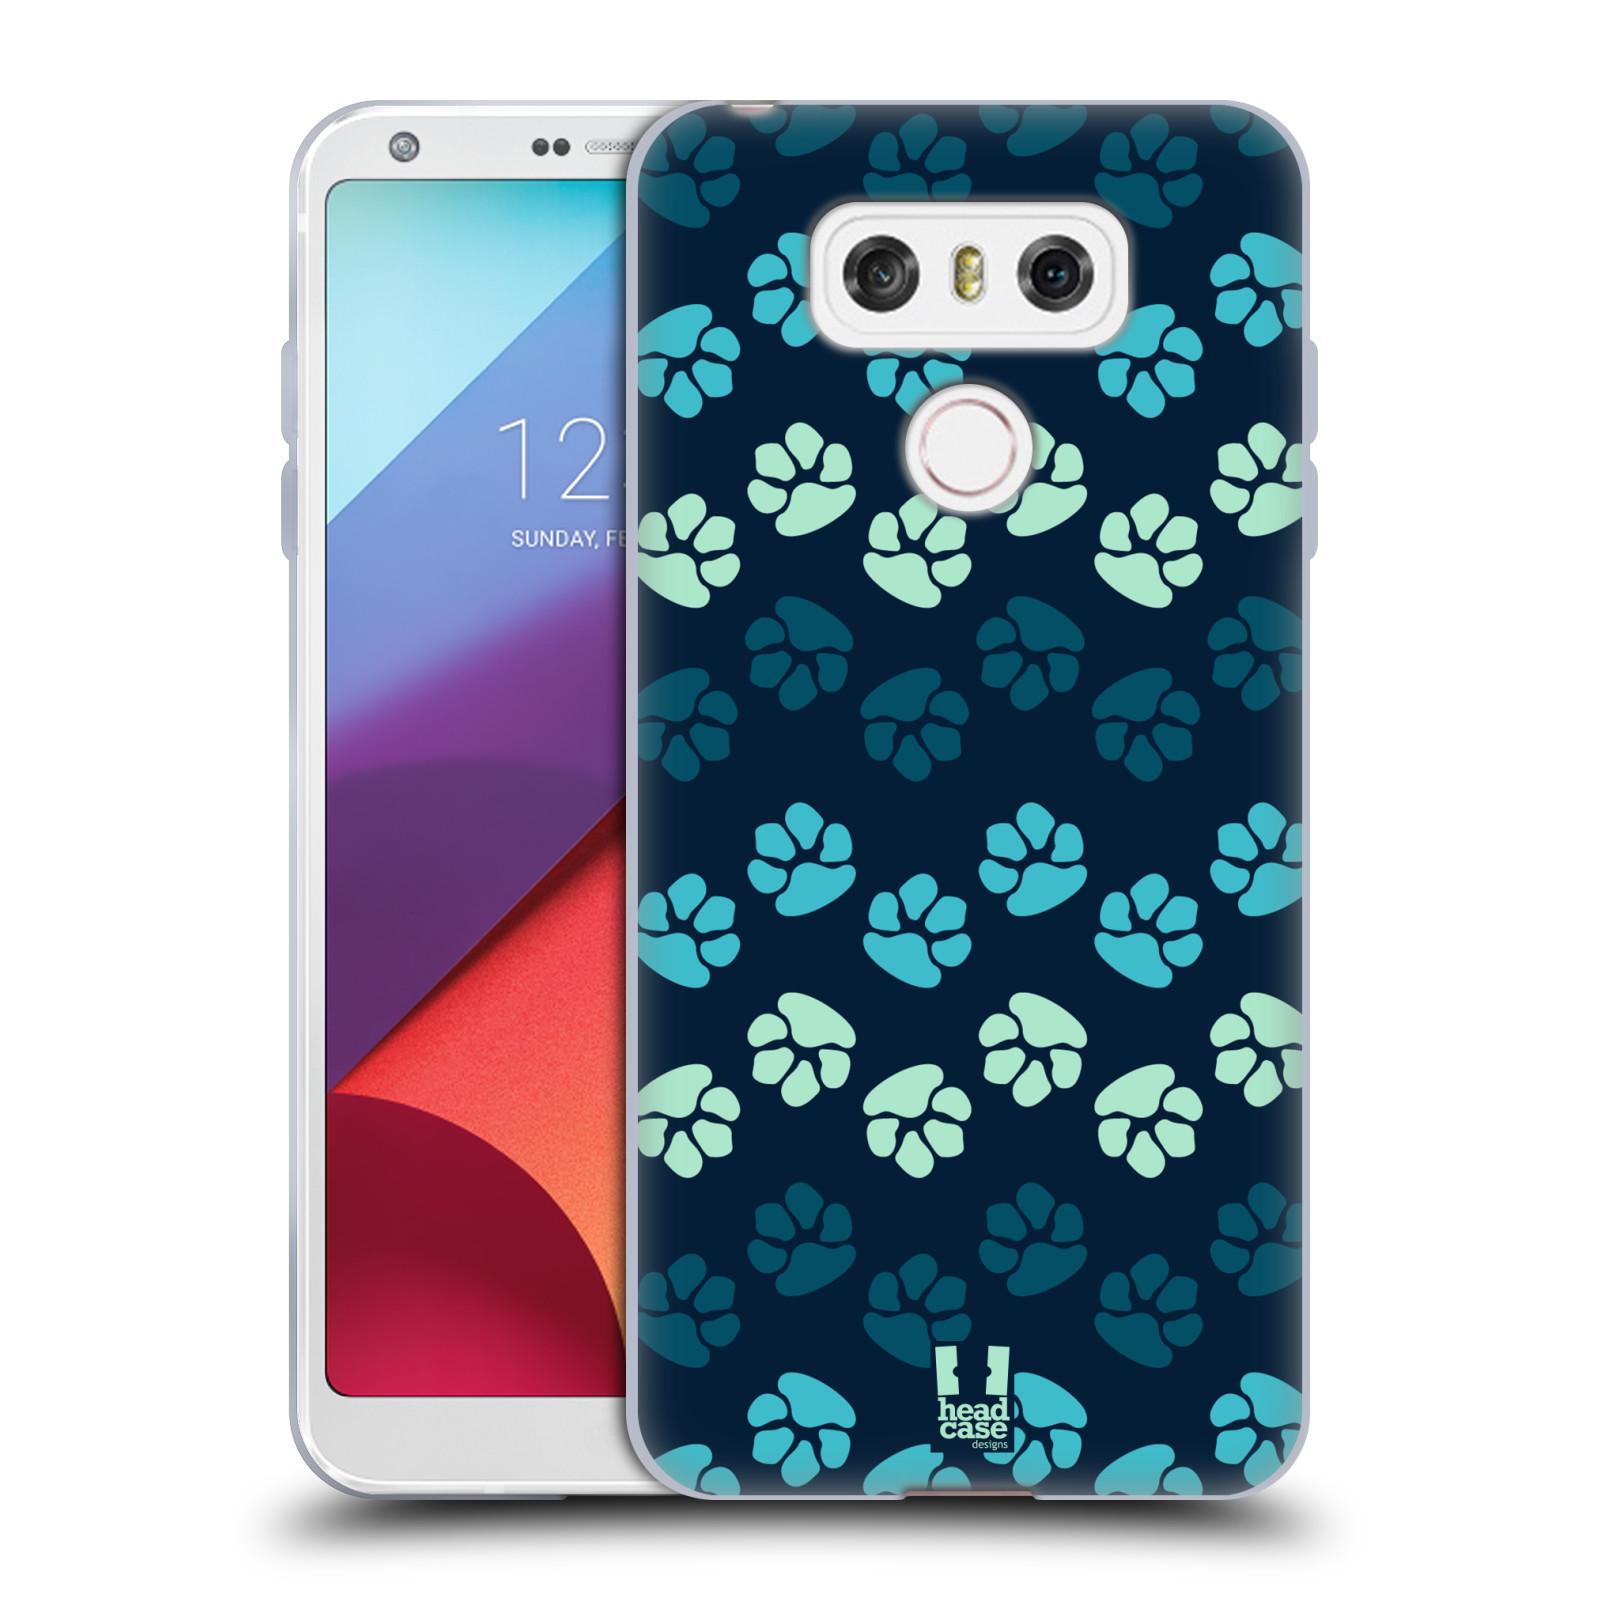 Silikonové pouzdro na mobil LG G6 - Head Case TLAPKY MODRÉ (Silikonový kryt či obal na mobilní telefon LG G6 H870 / LG G6 Dual SIM H870DS)